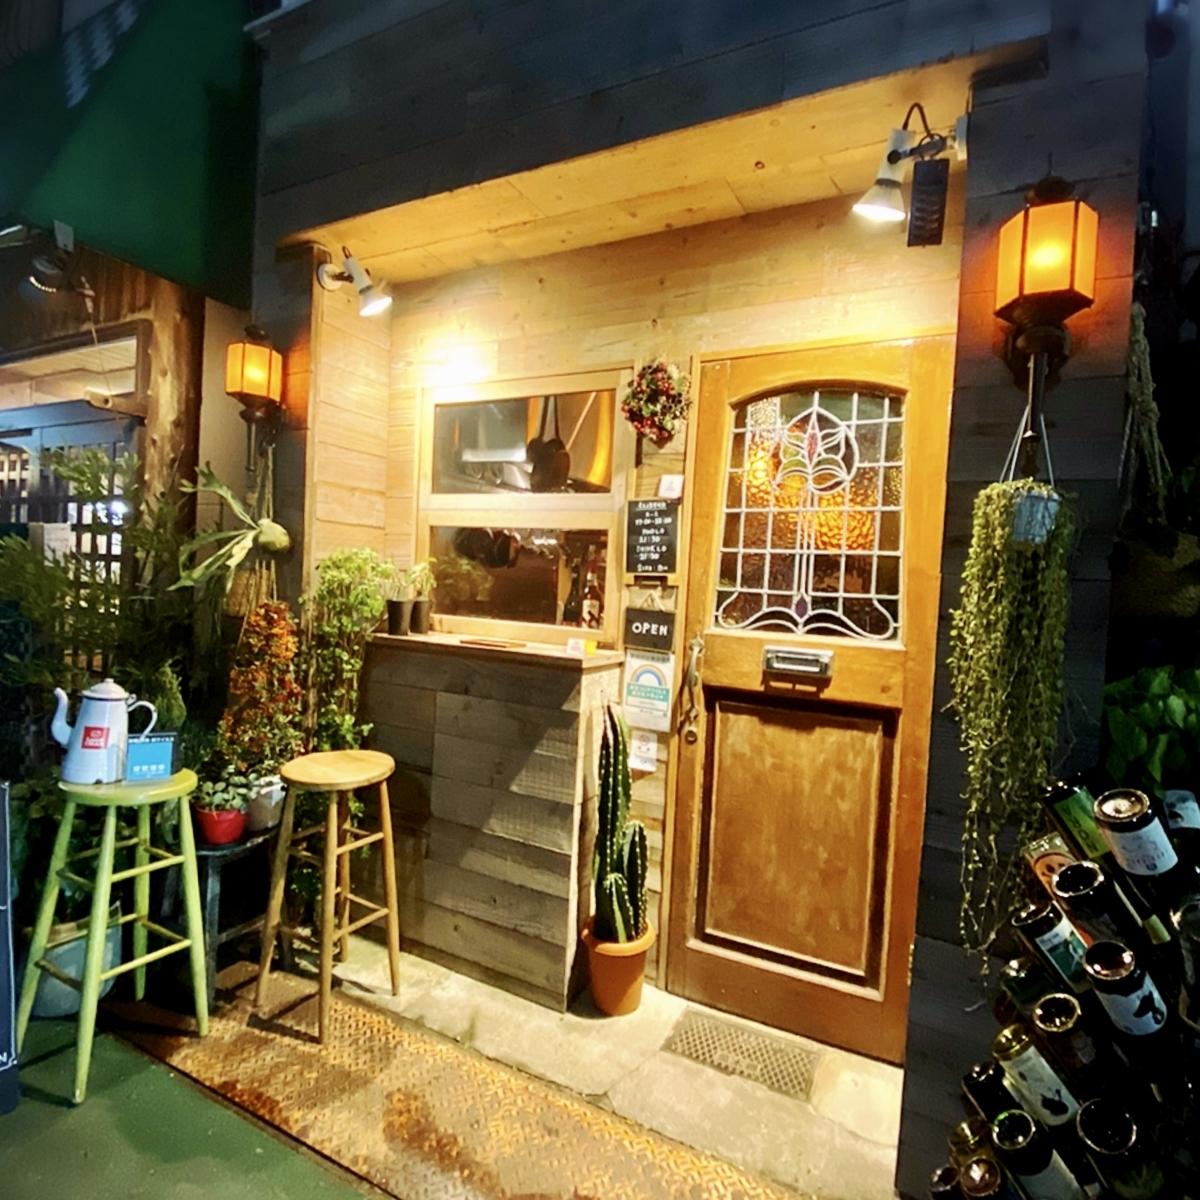 「LambCHAN(ラムチャン)」はデートやラム好きにおすすめできる素敵な隠れ家的お店でした